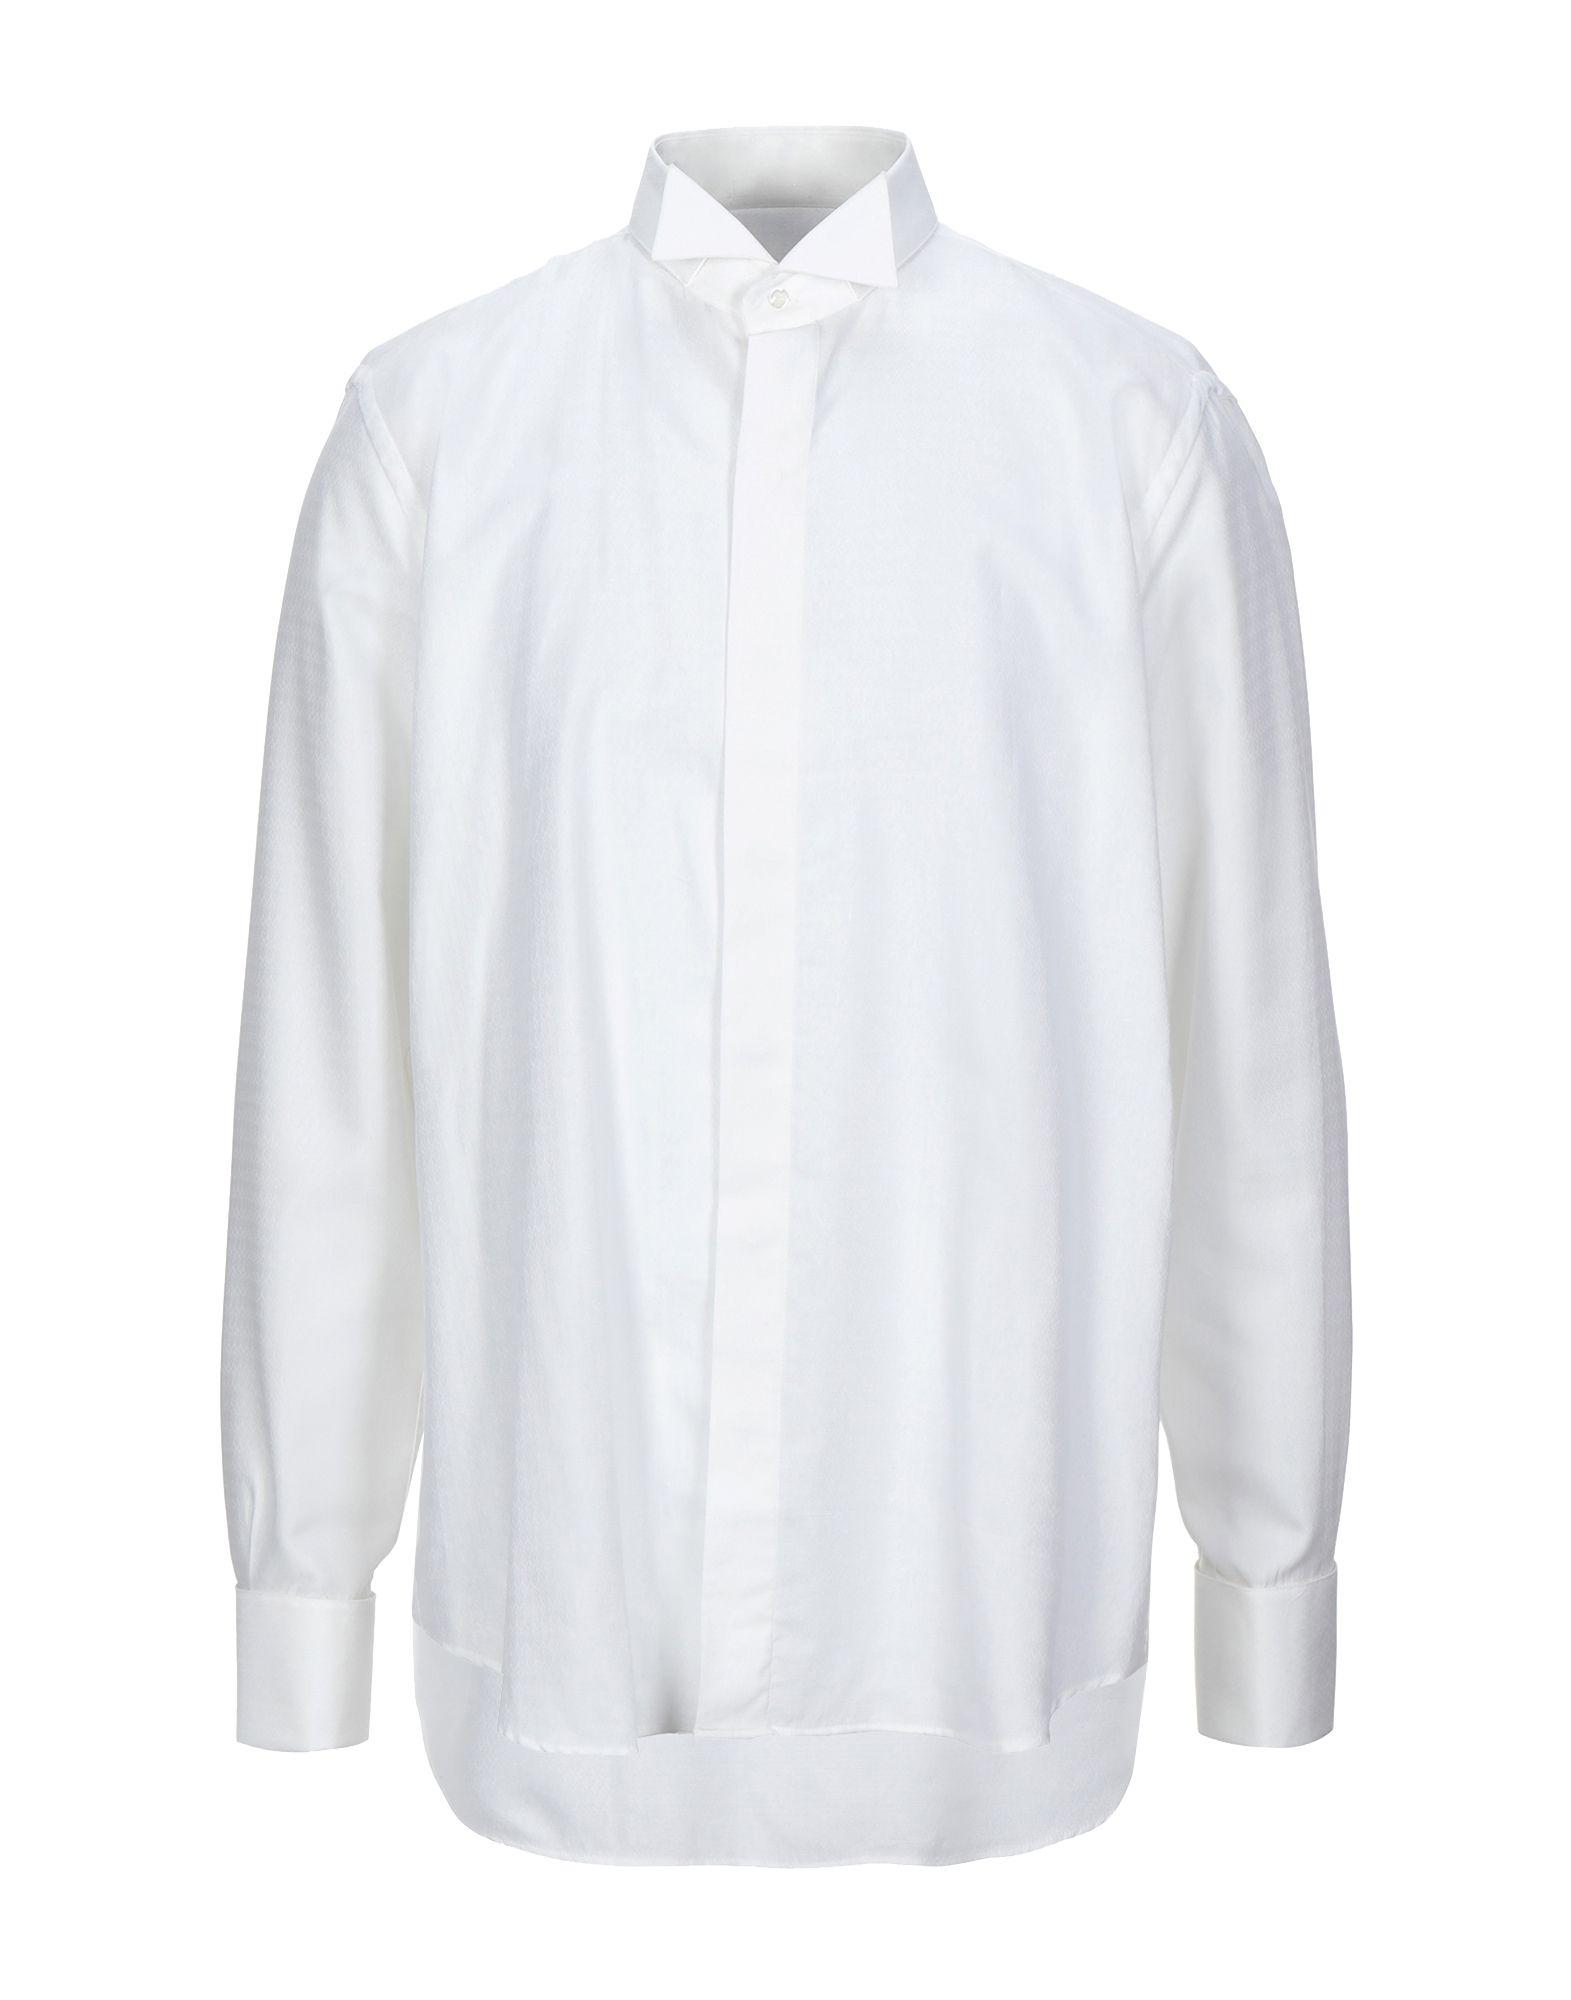 《セール開催中》ROCCOBAROCCO メンズ シャツ ホワイト 44 コットン 50% / レーヨン 50%